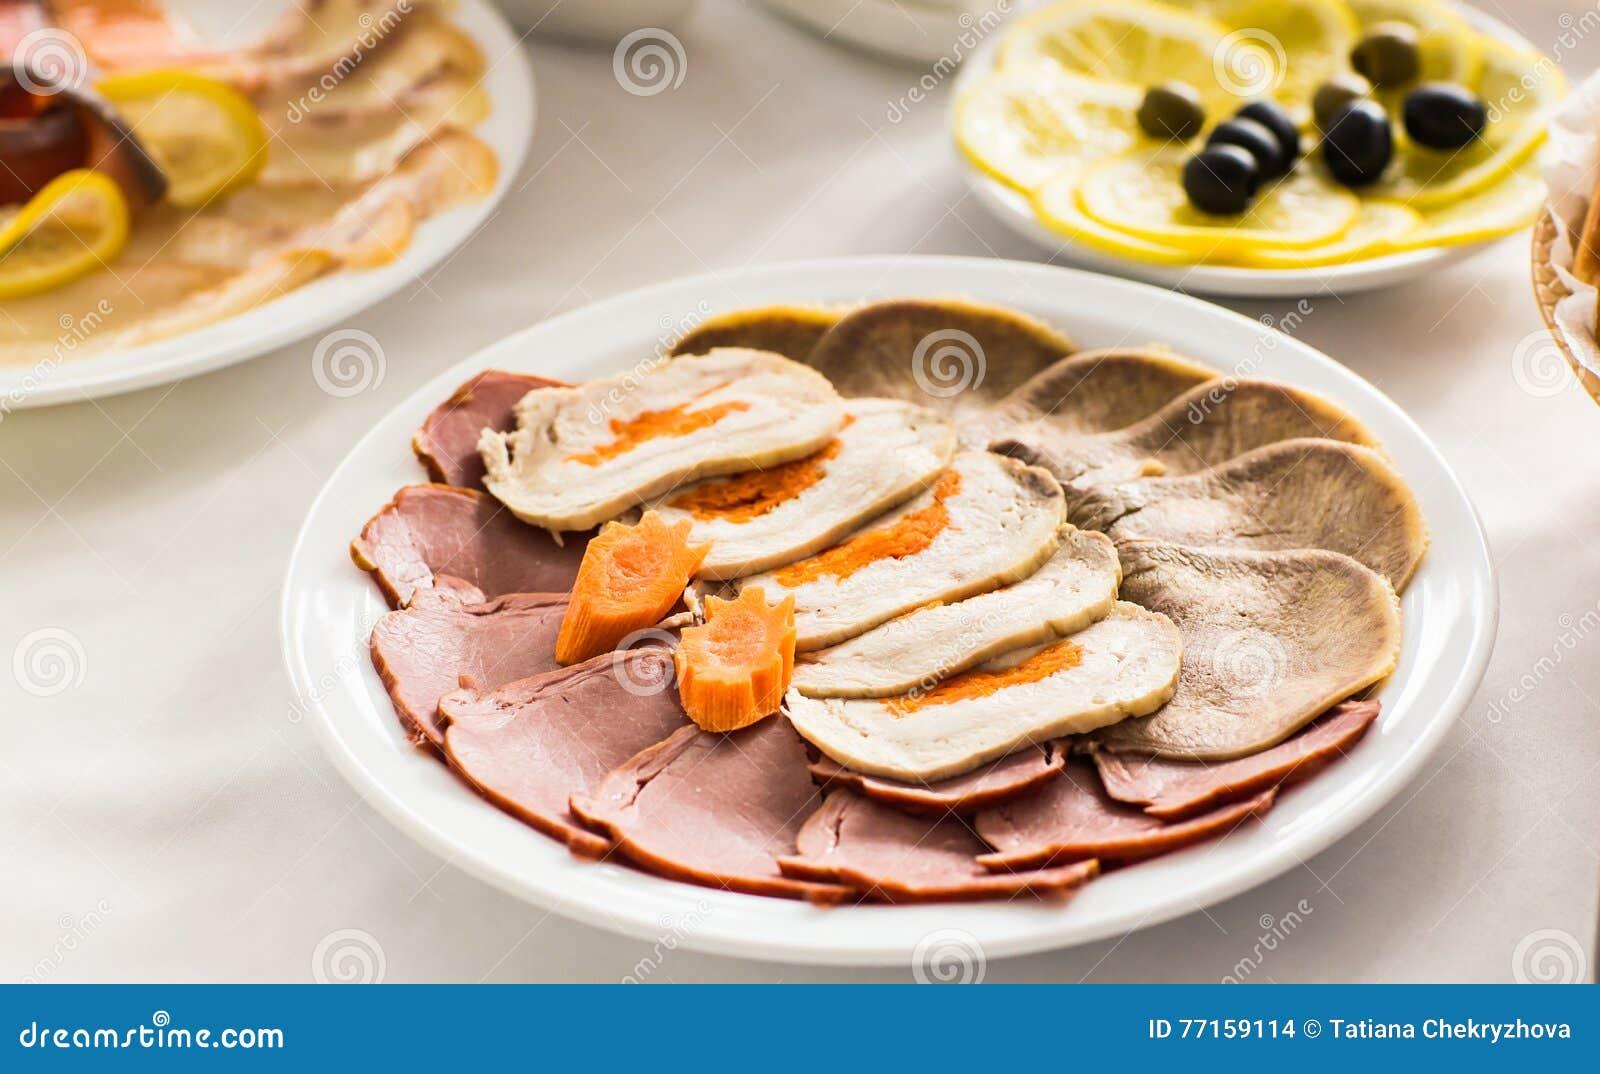 Plat avec les produits carnés découpés en tranches sur la table de fête